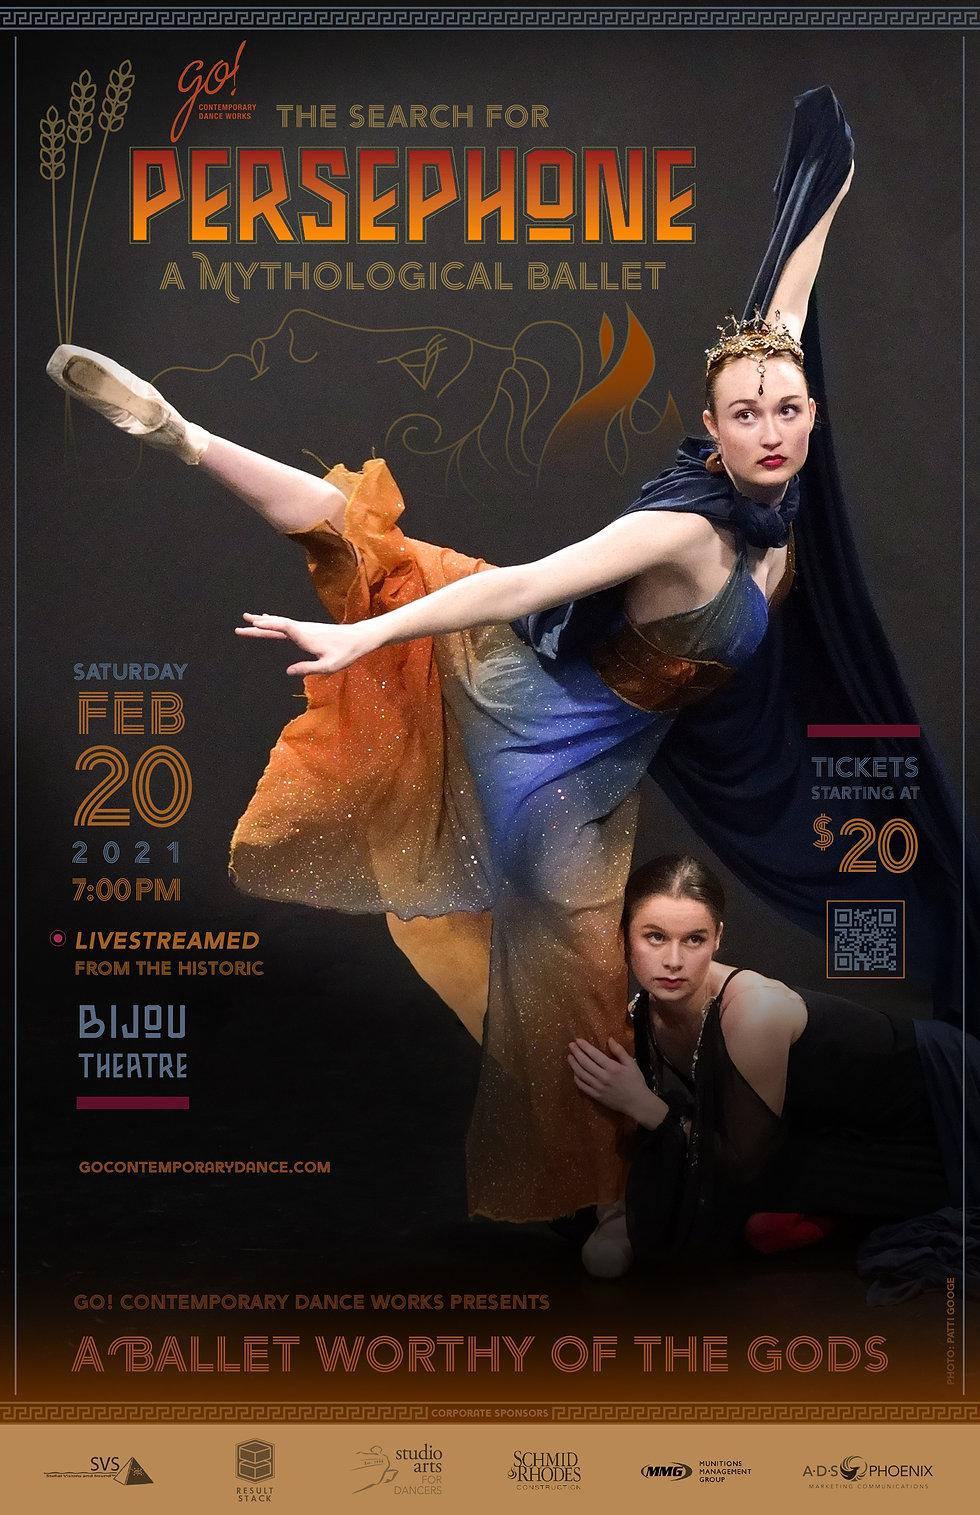 GCDW-Persephone-Poster-v5.jpg